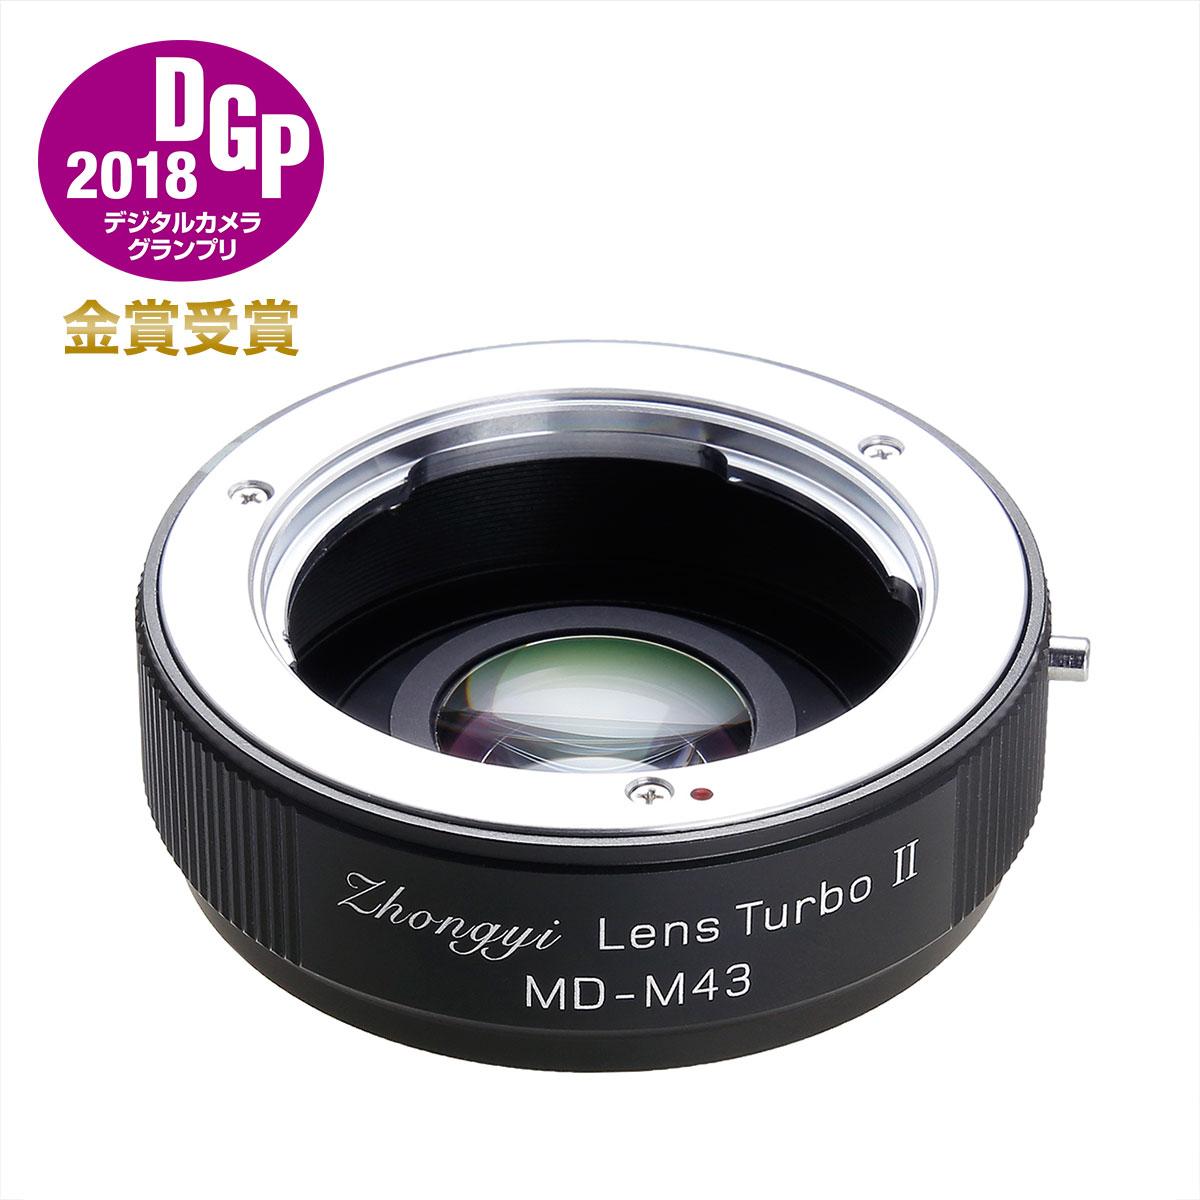 中一光学 Lens Turbo II MD-m4/3 ミノルタMD・MC・SRマウントレンズ - マイクロフォーサーズマウント フォーカルレデューサーアダプター